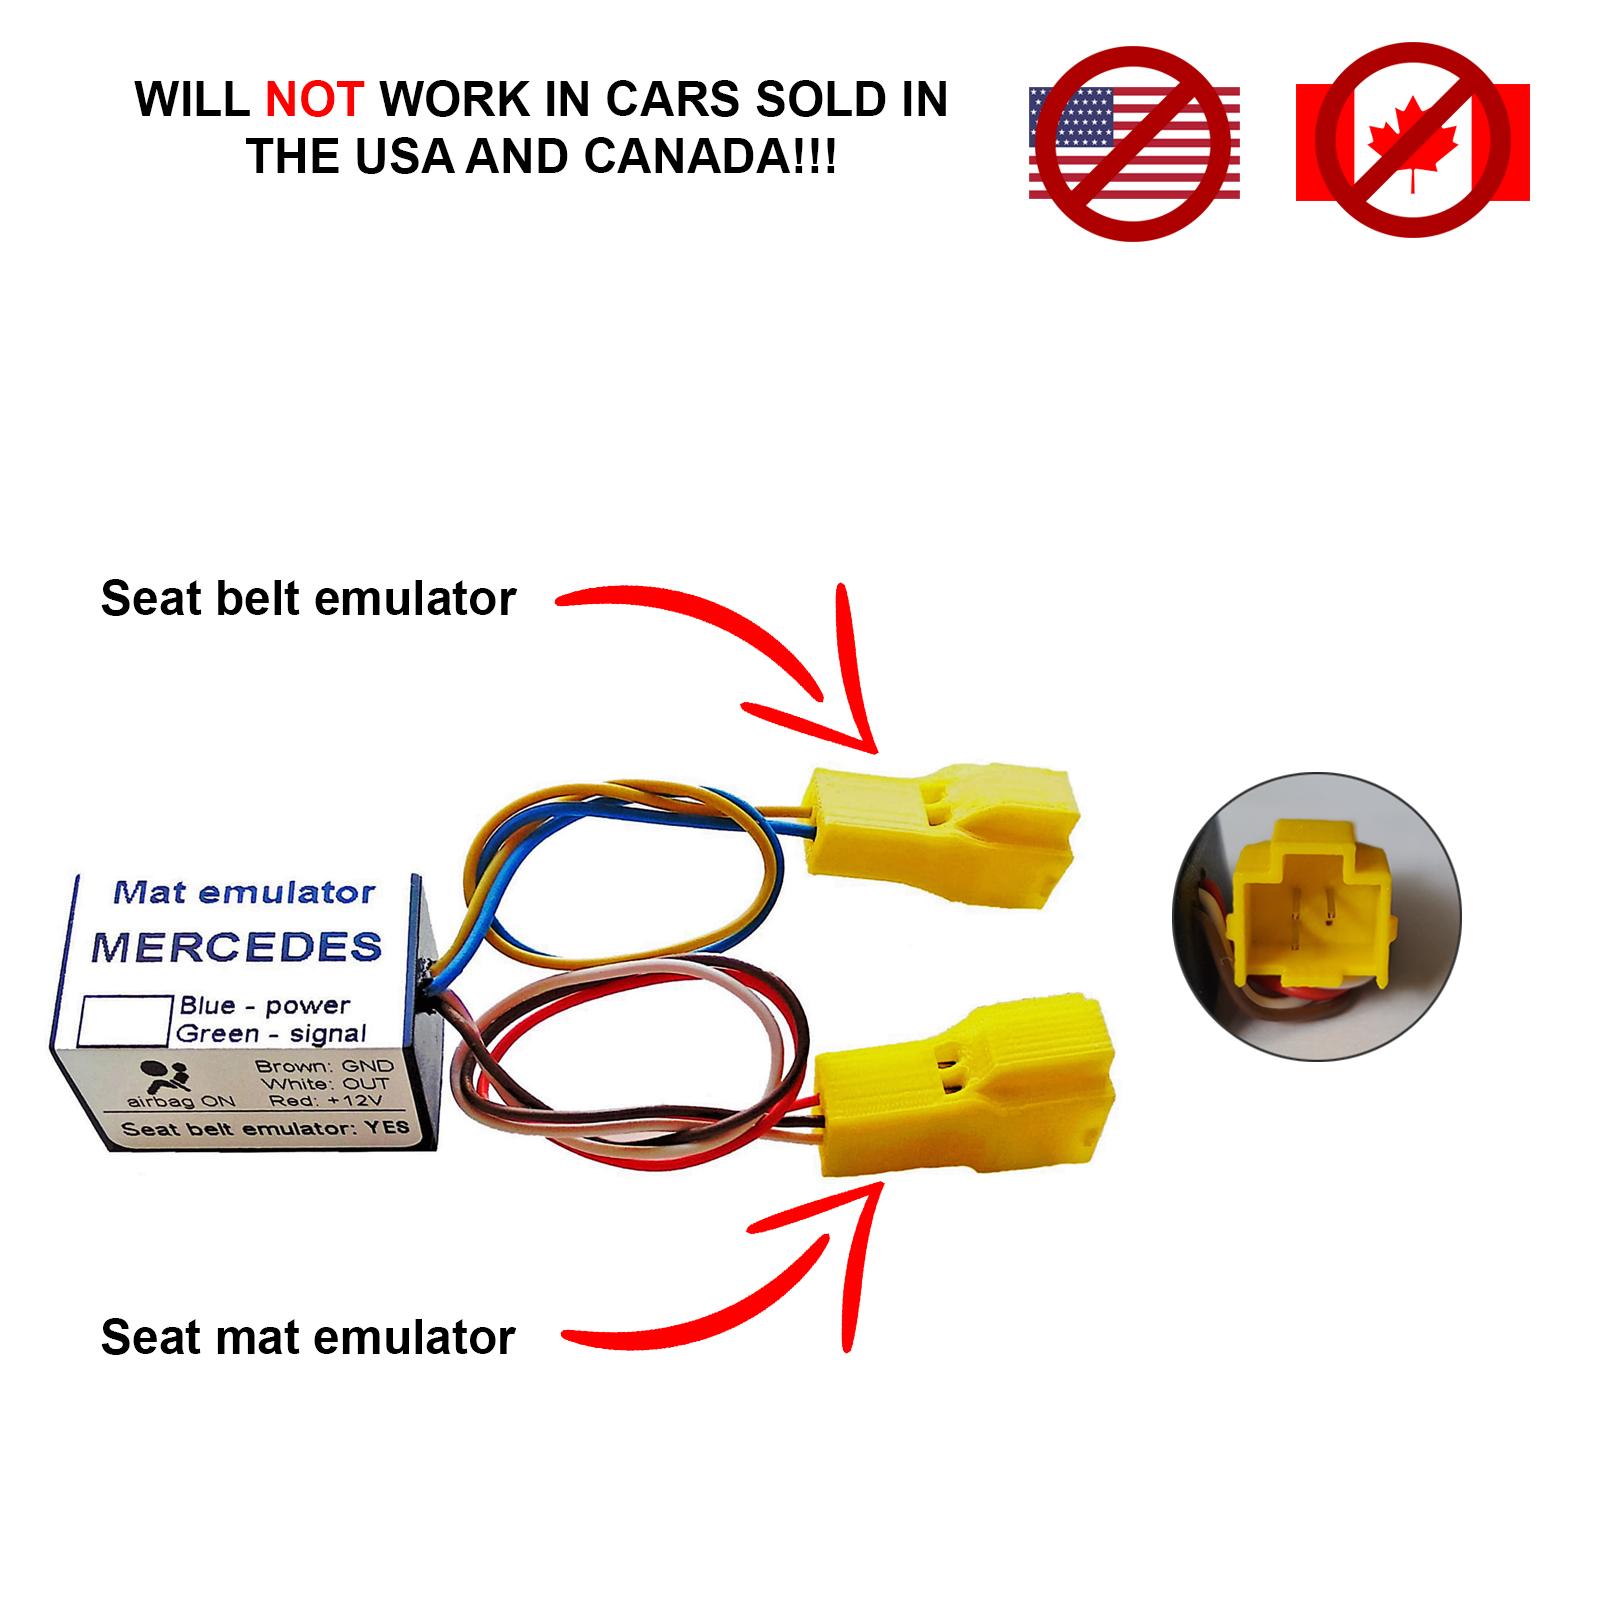 Details about Mercedes-Benz C-Class W204 Seat Occupancy Mat Sensor SRS  Emulator Bypass